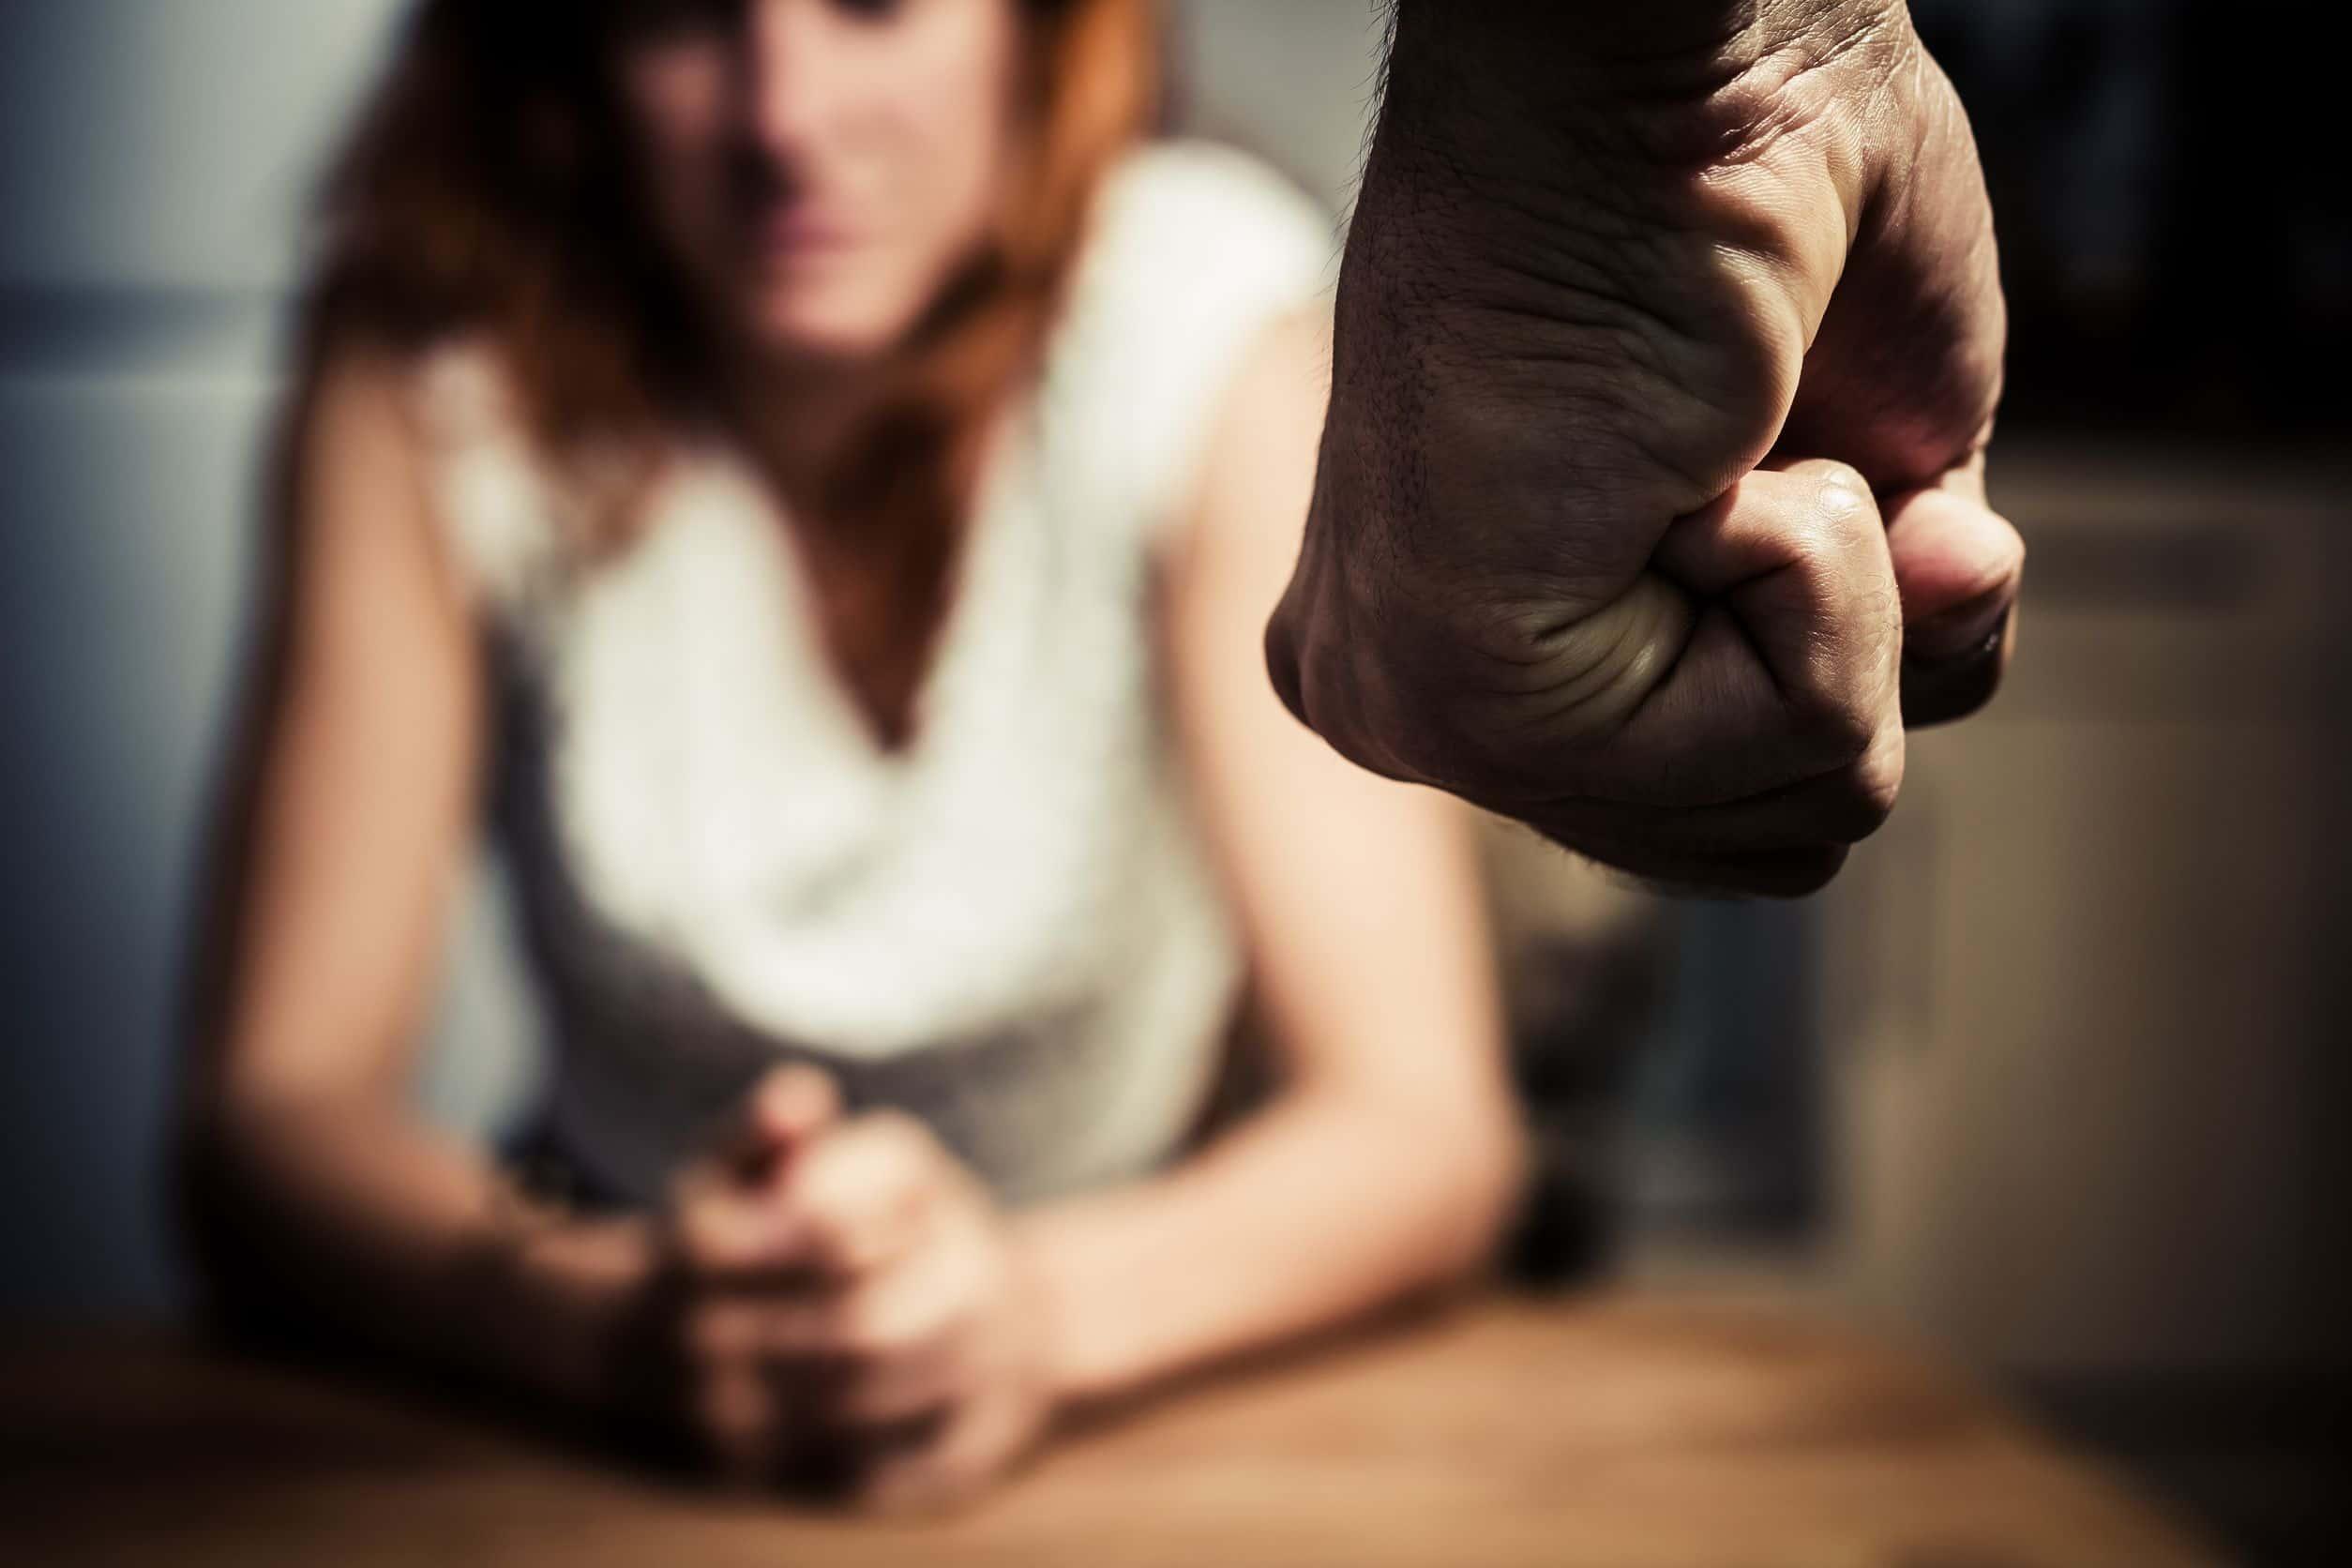 Mulher encarando o punho de um homem.